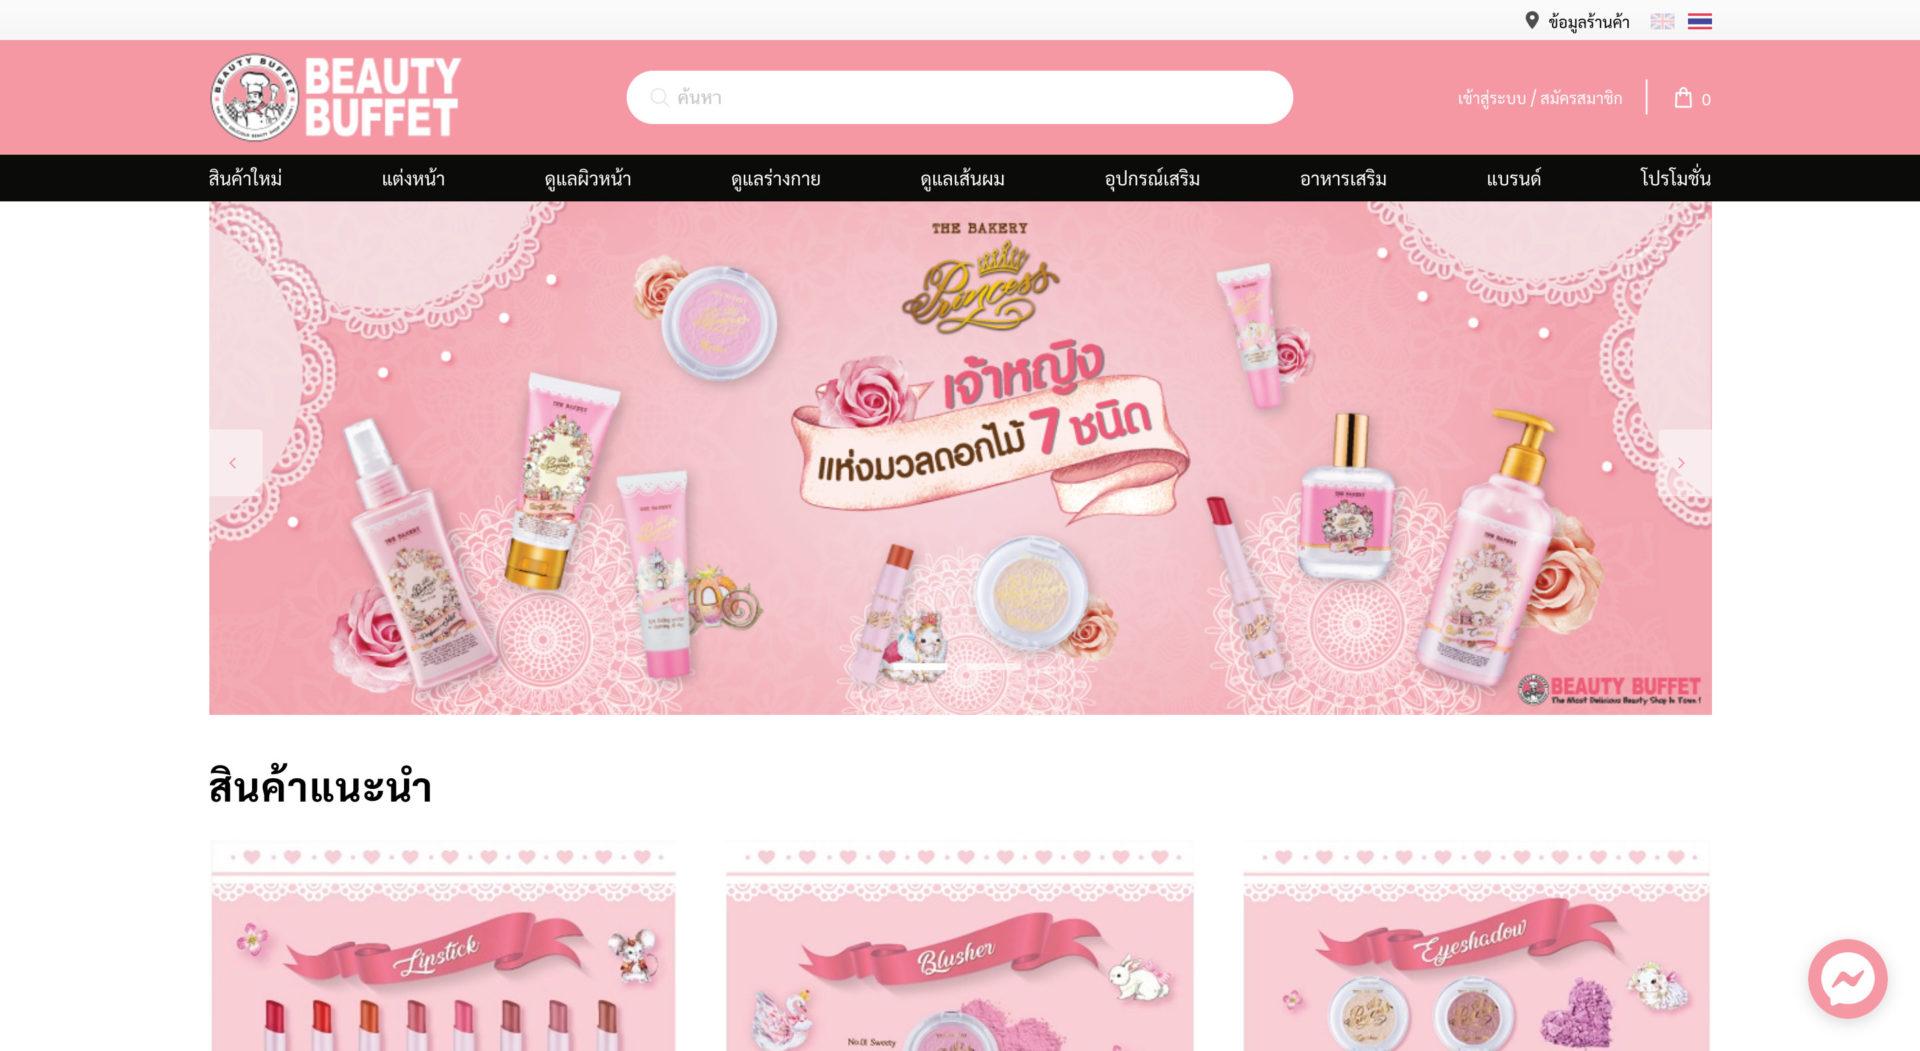 beauty-buffet-web-client